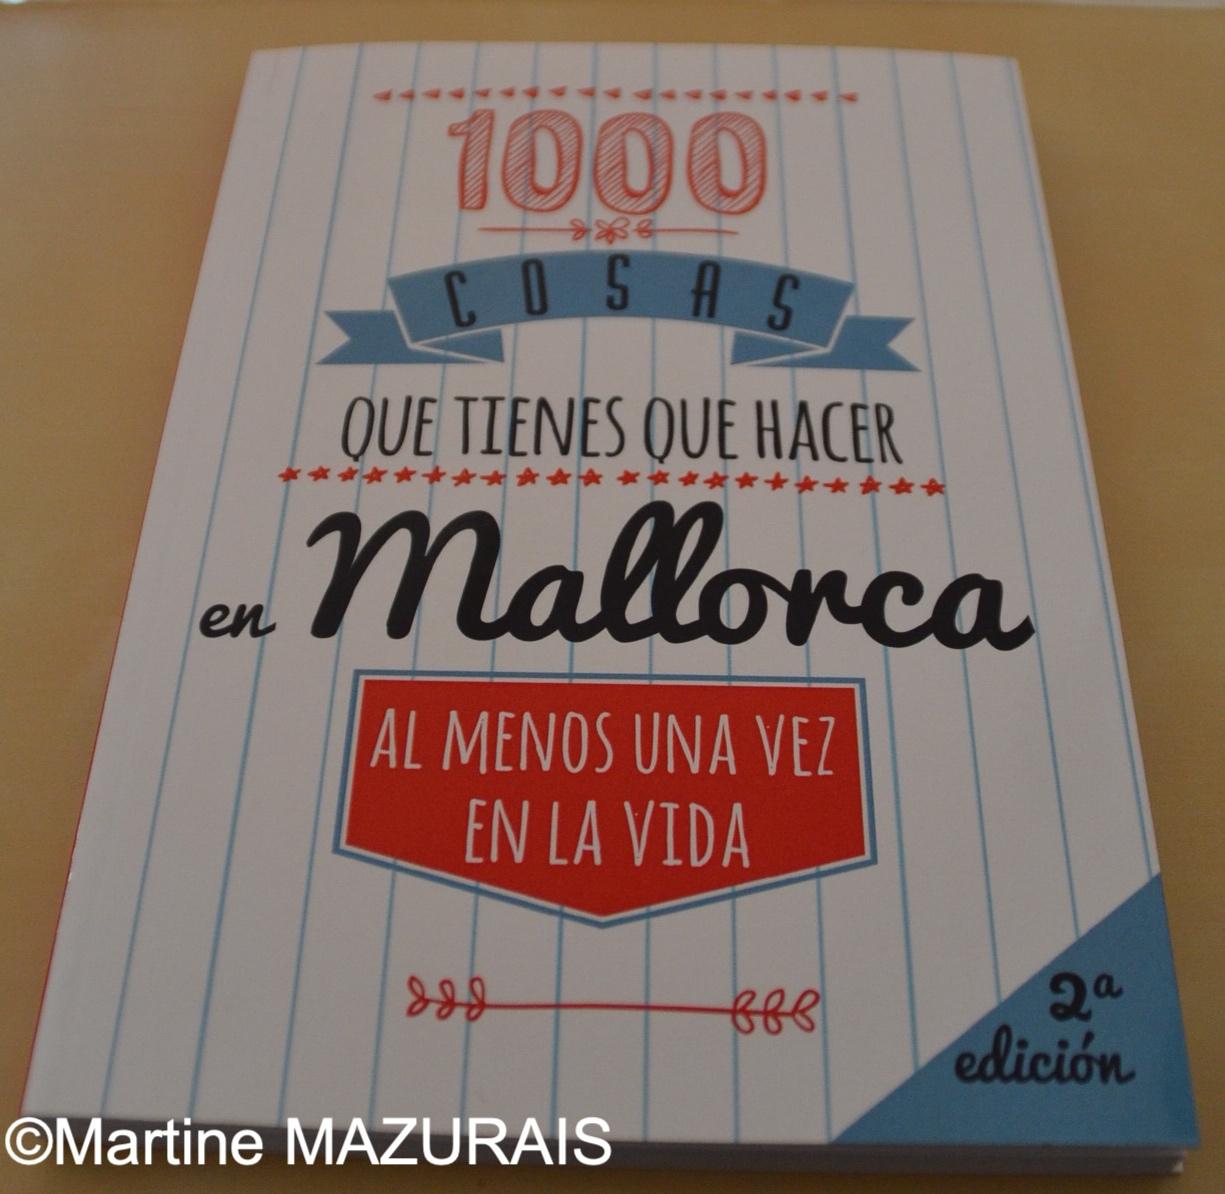 1000 cosas *